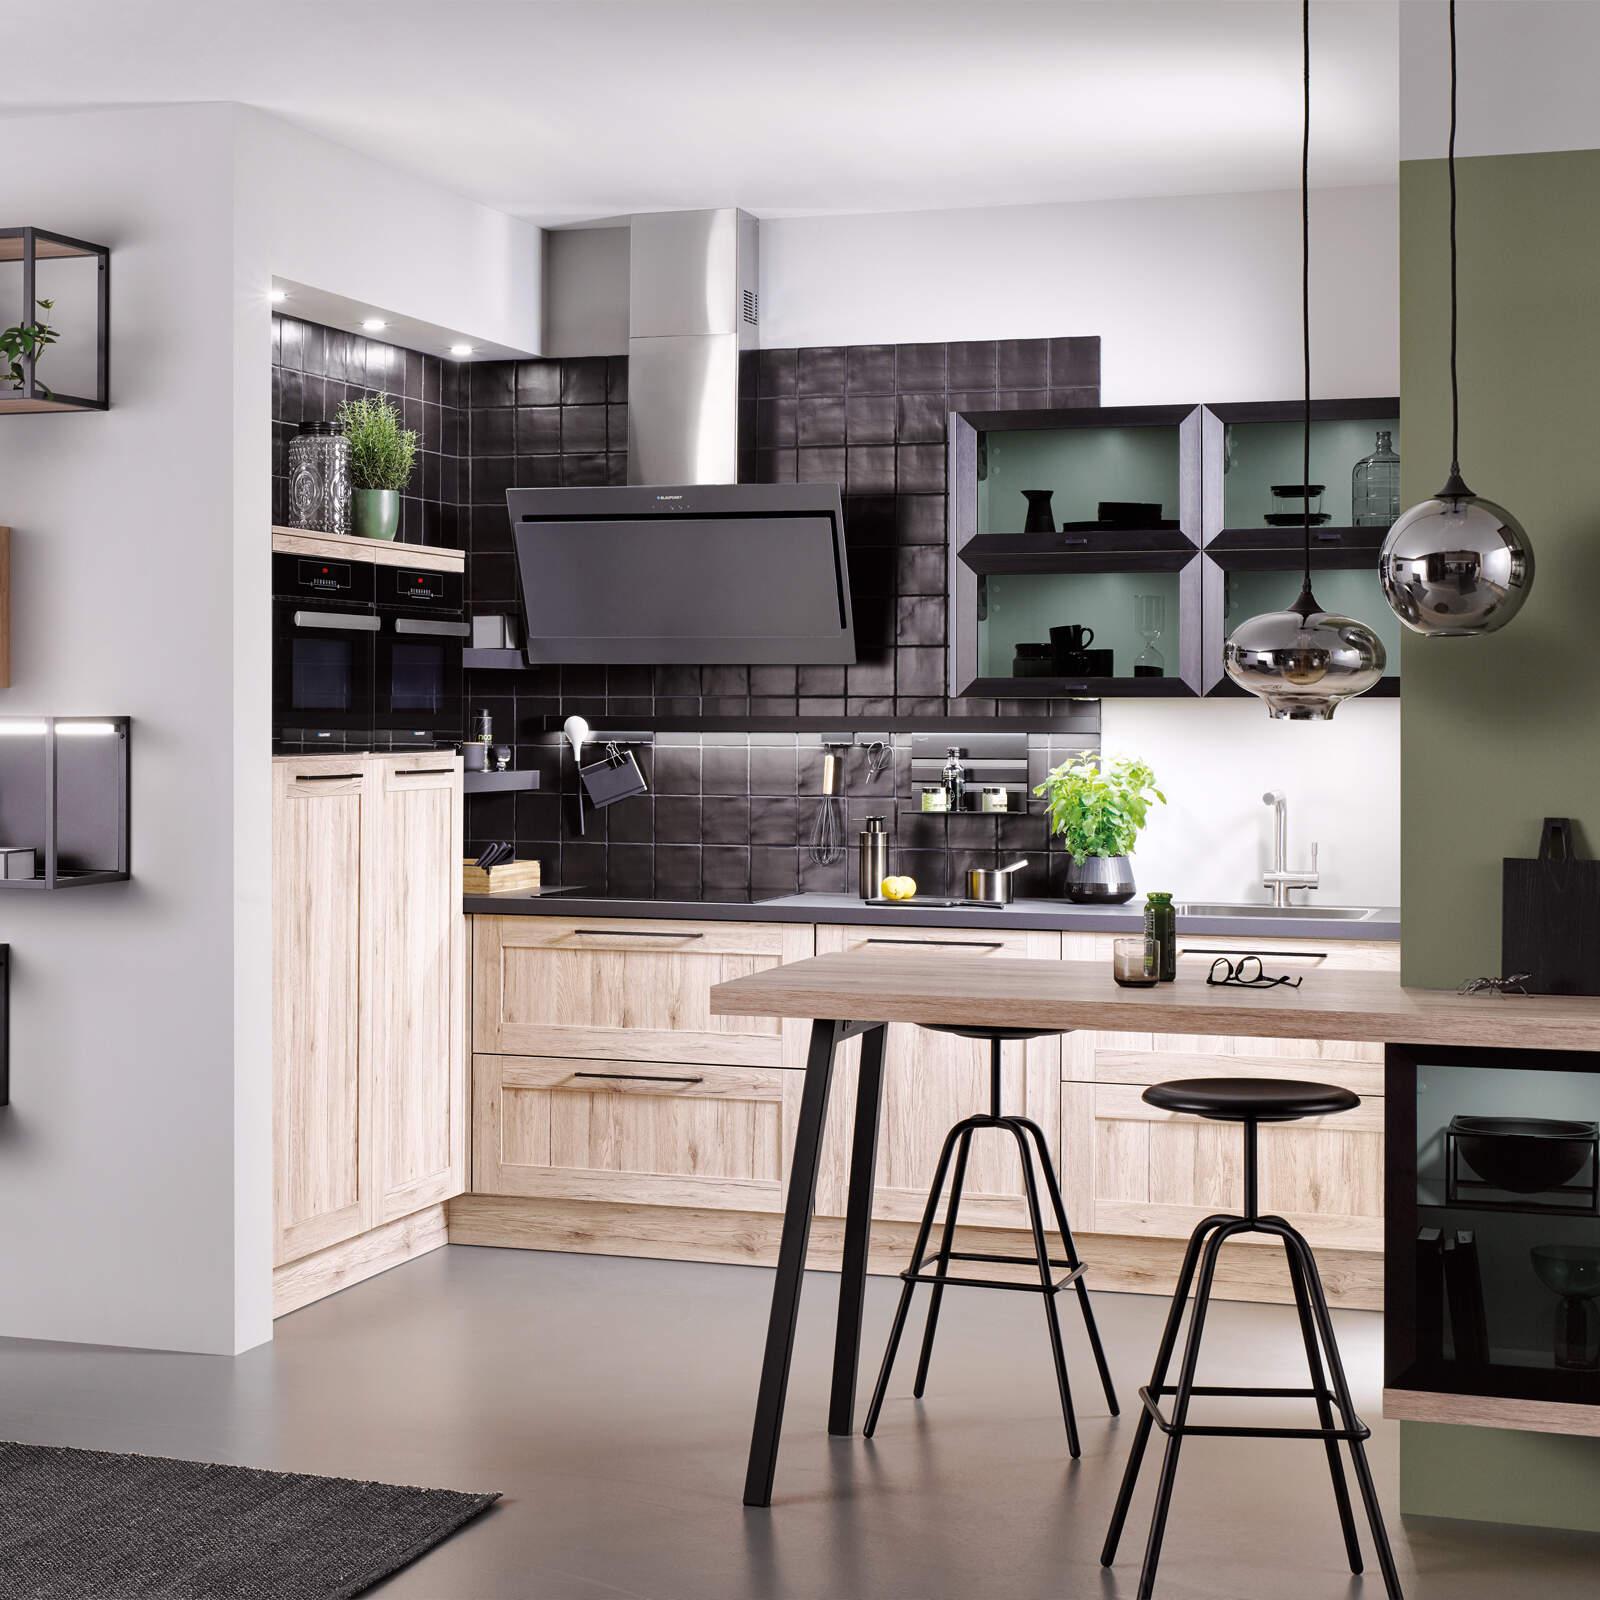 Hano Kuchen Bietet Moderne Landhaus Kuchen